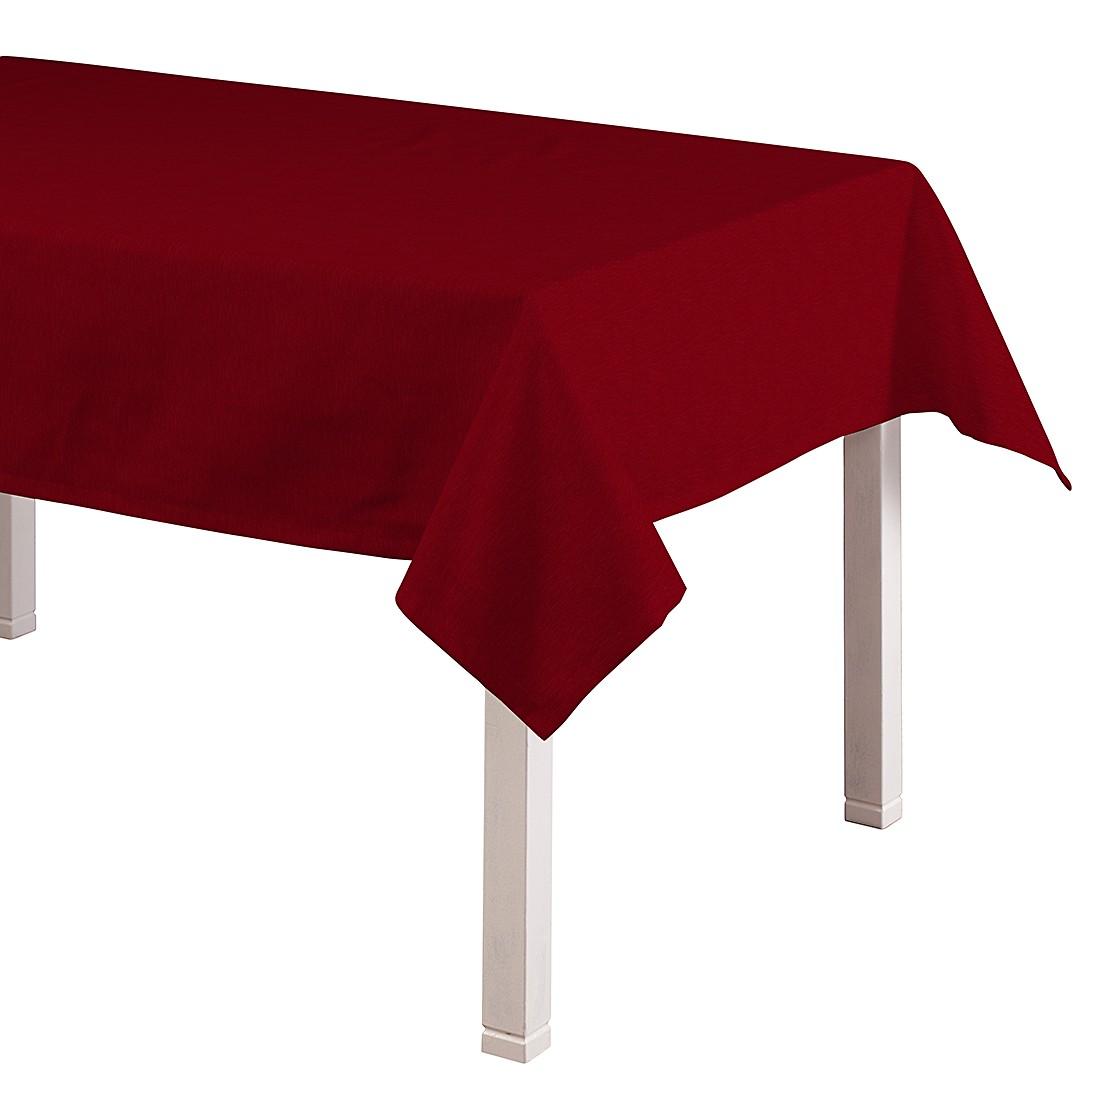 Tischdecke Atago – Bordeaux – 130 x 180 cm, Dekoria günstig kaufen